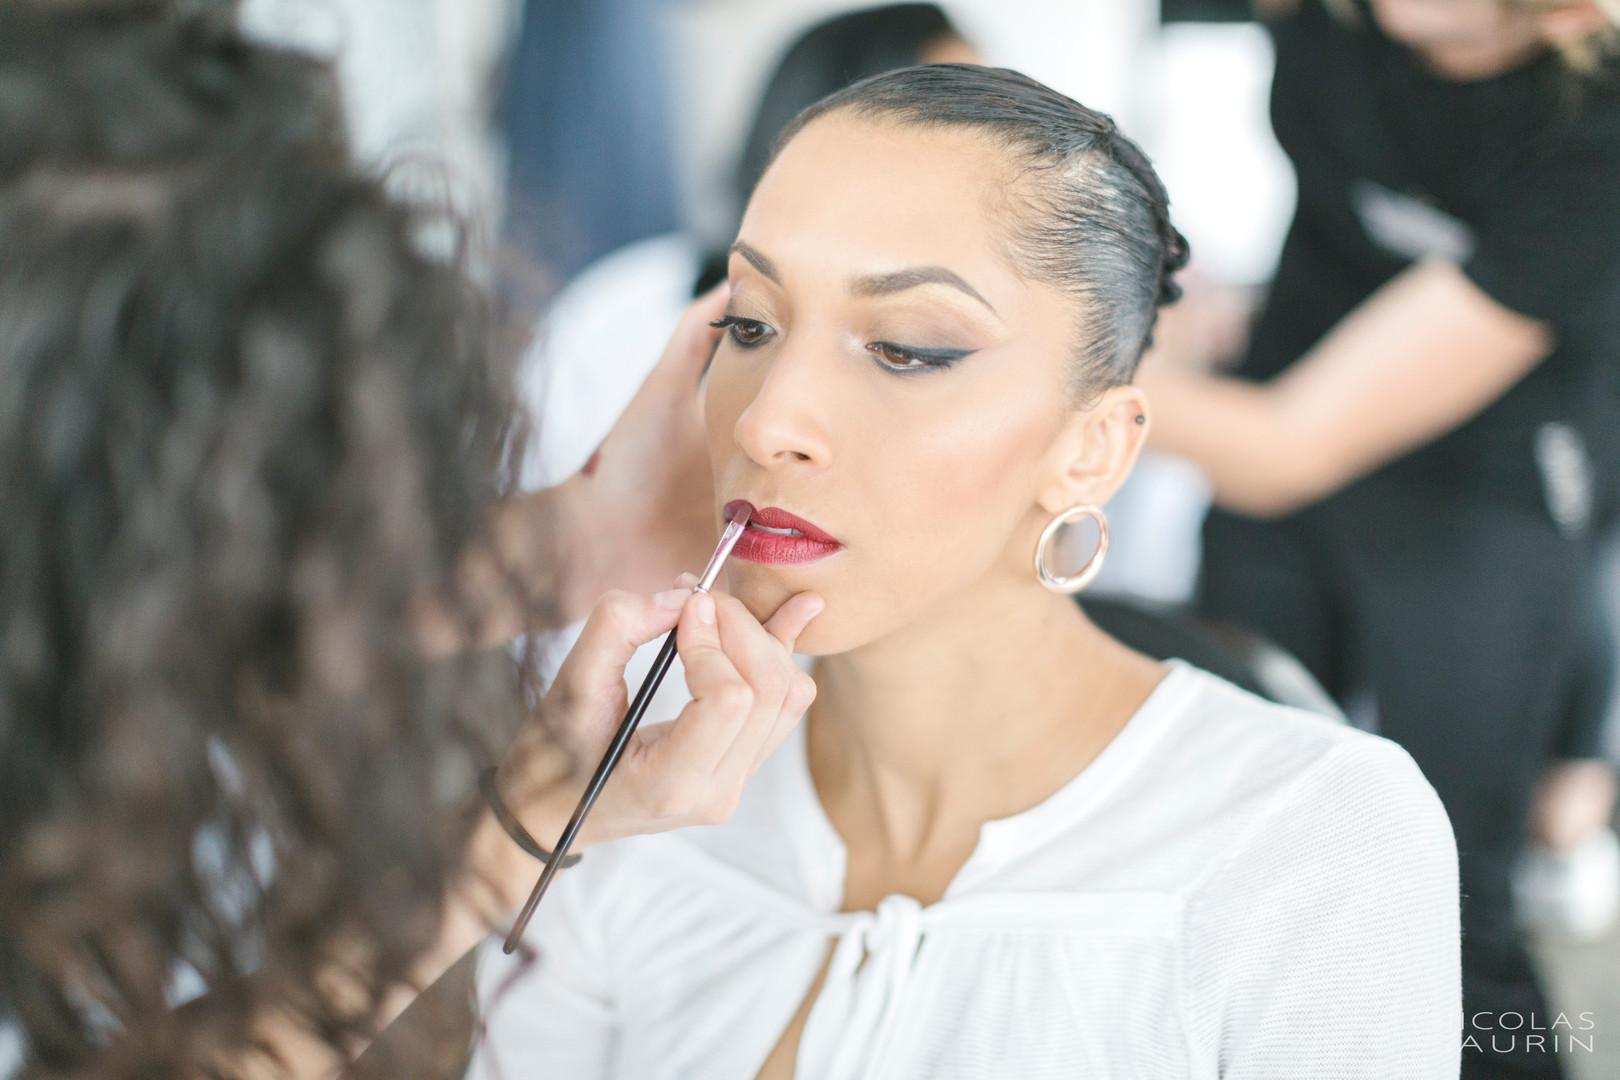 Maquillage invitée sur peau métisse